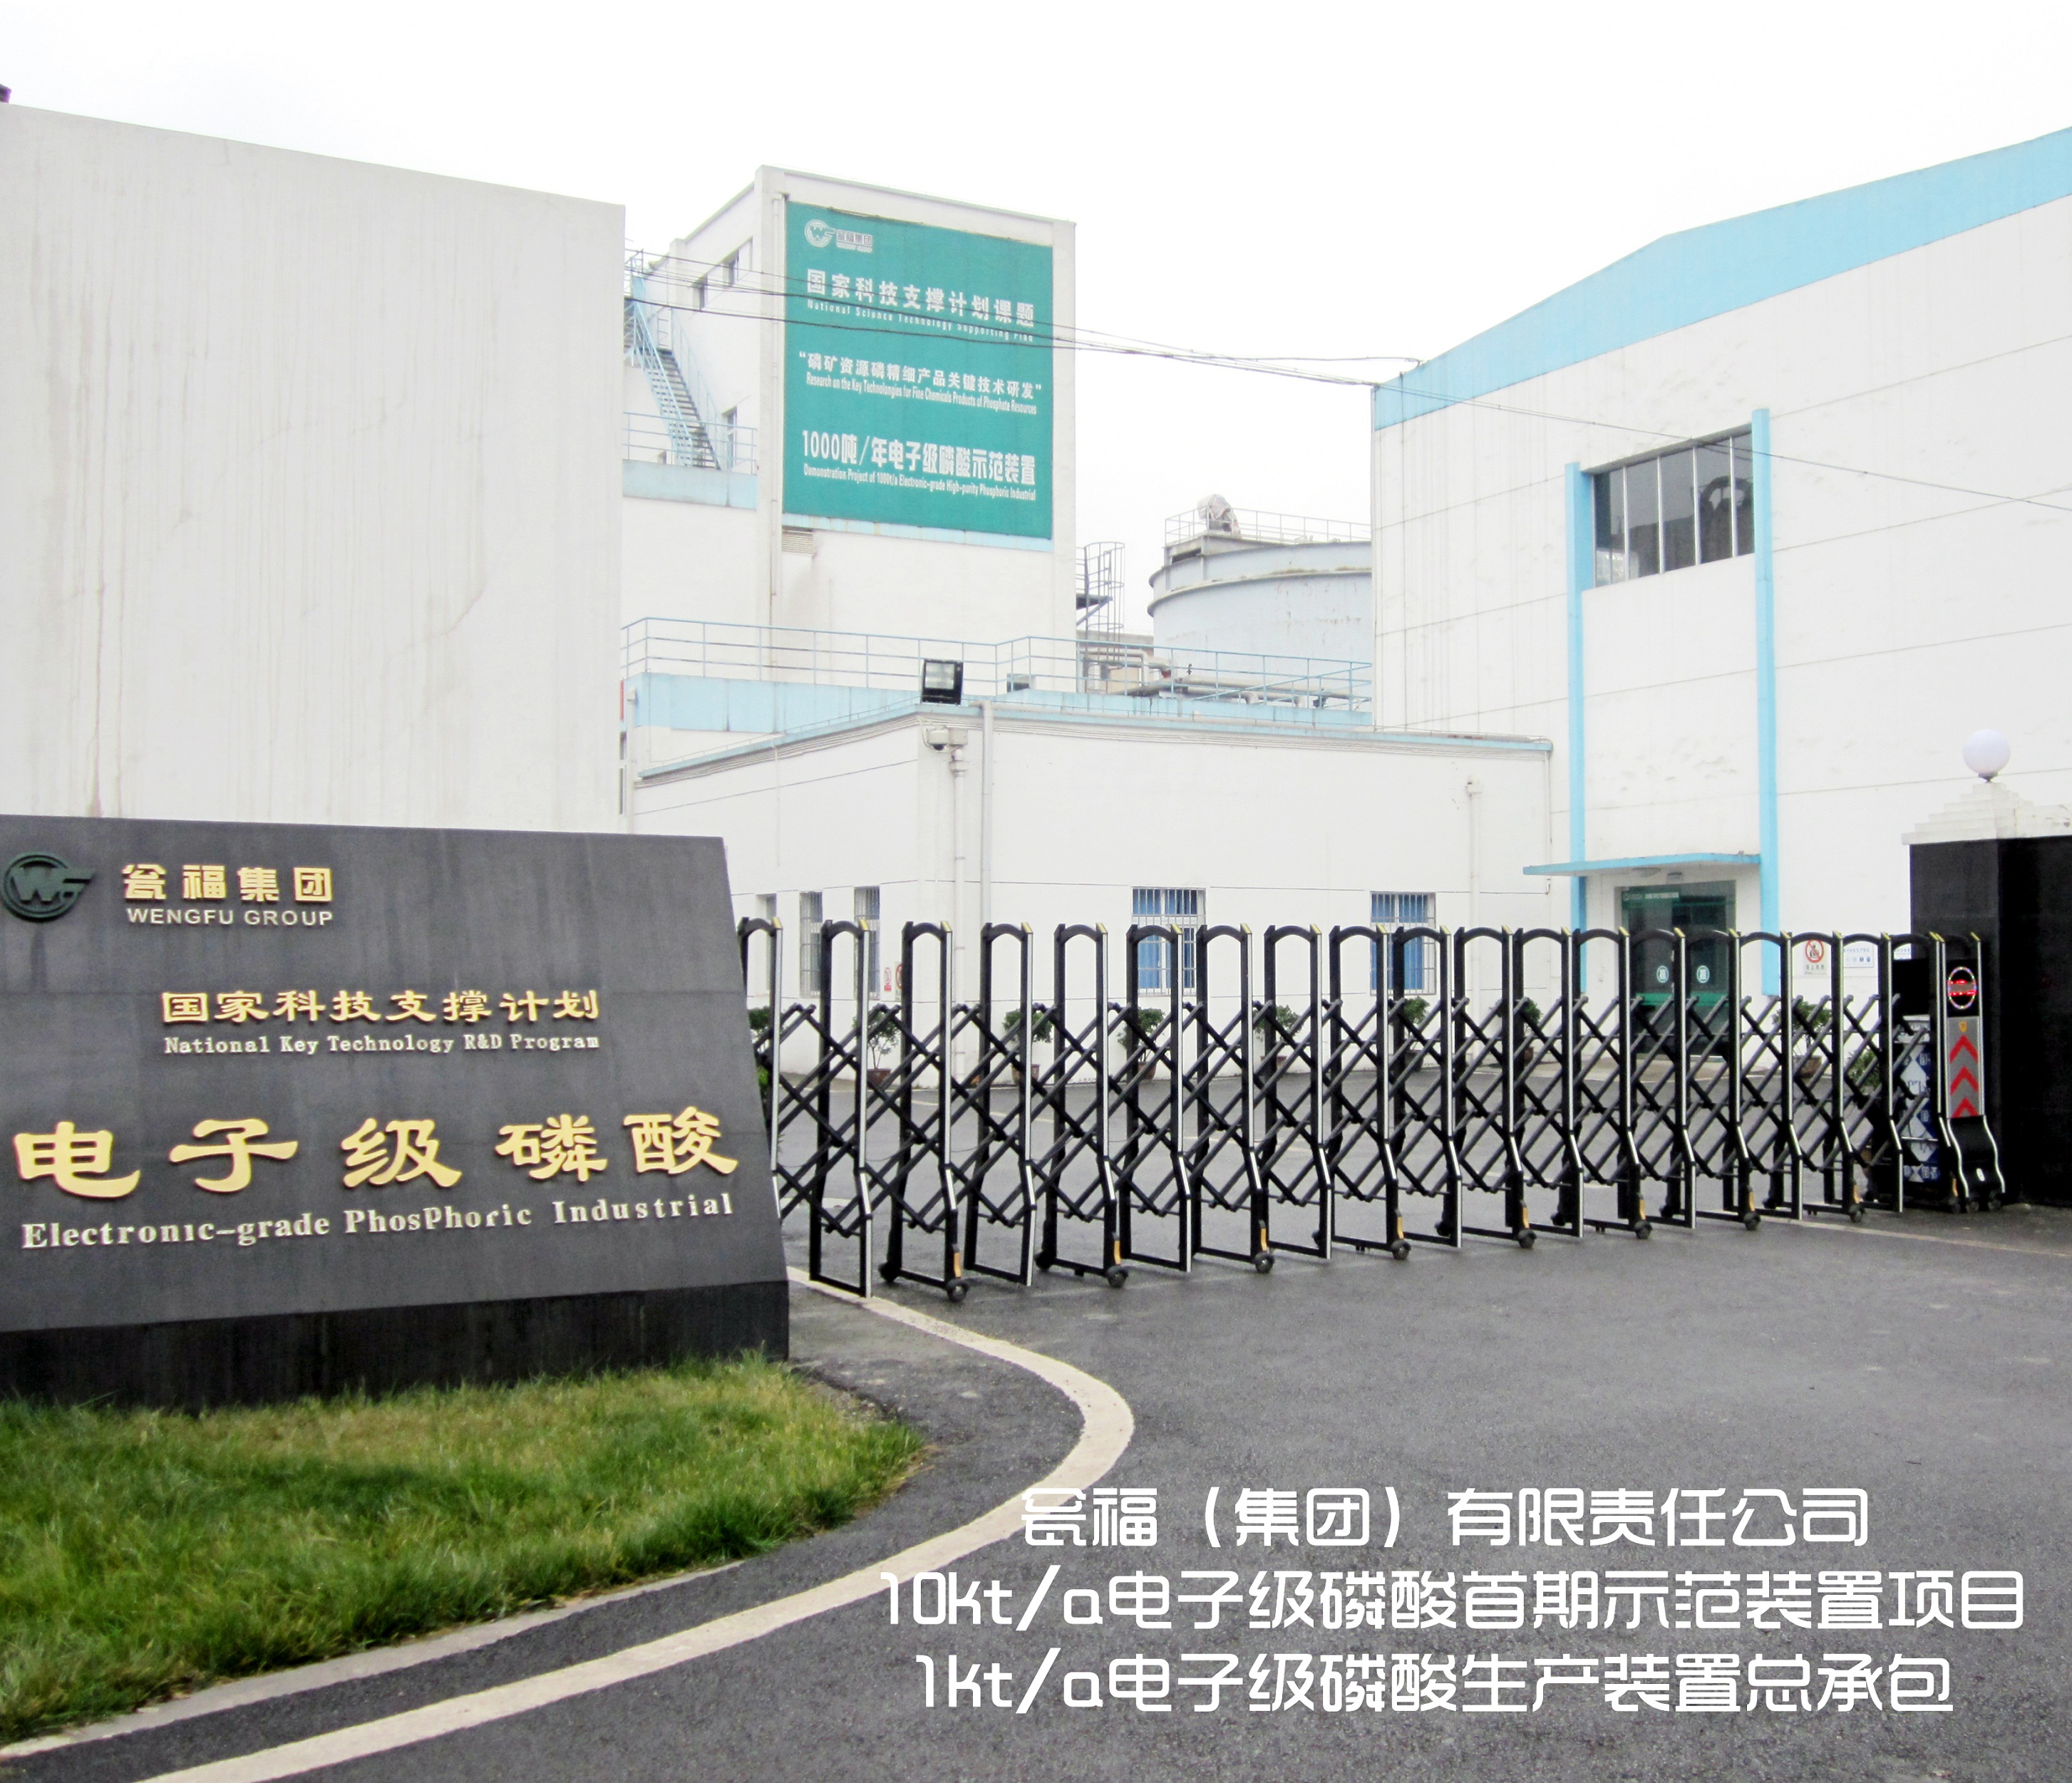 甕福-集團電子級磷酸生產裝置